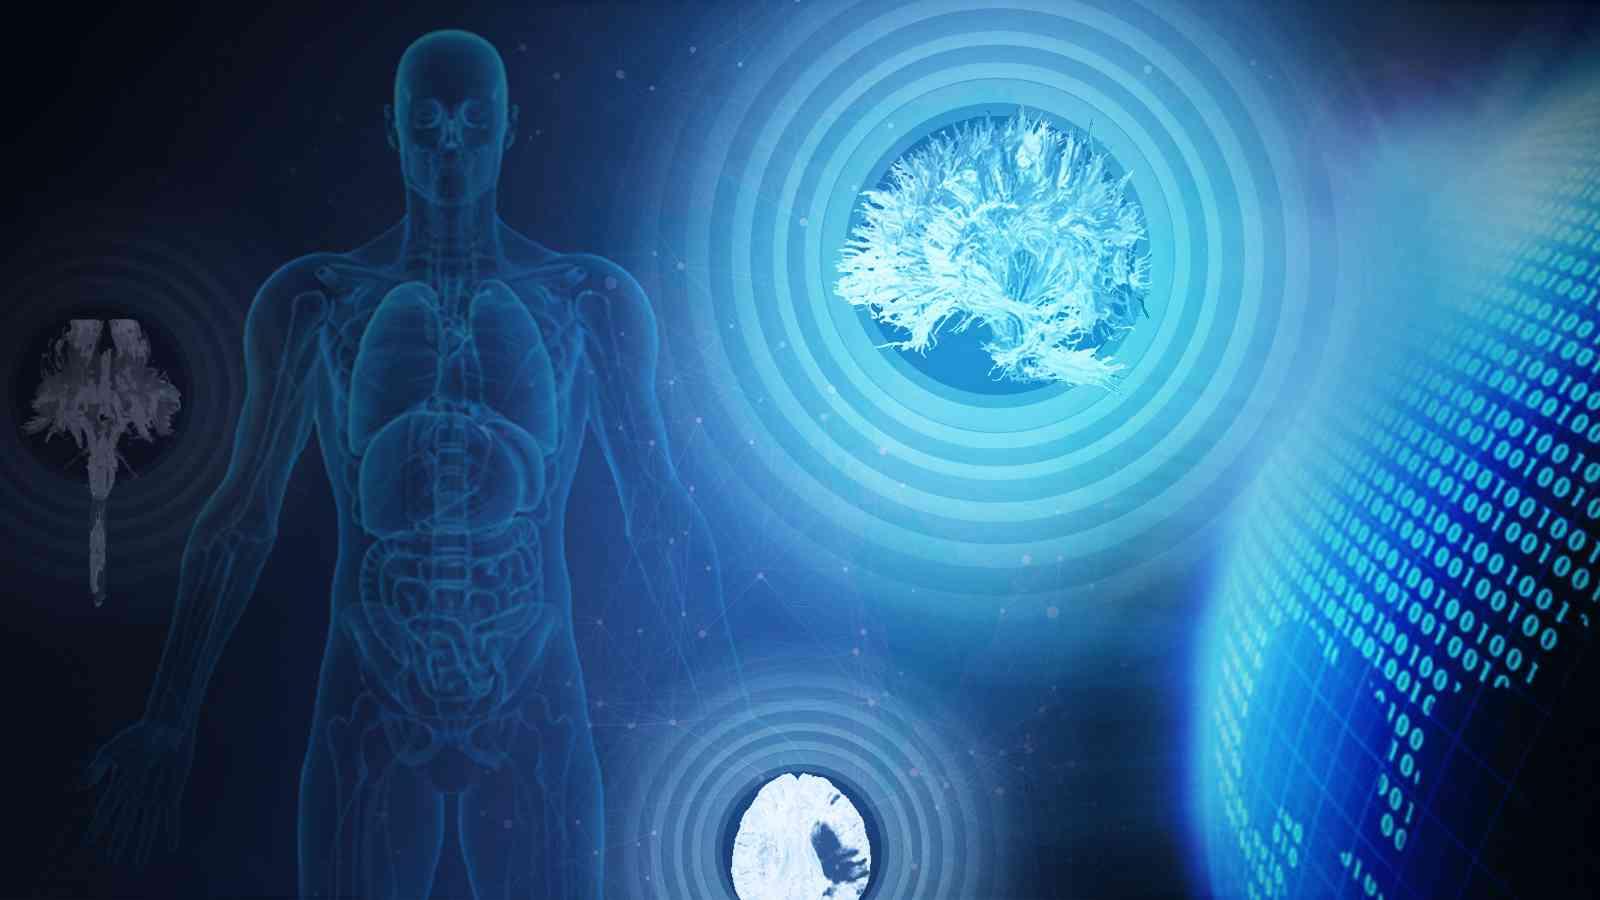 中枢神经系统疾病常见影像征象分析